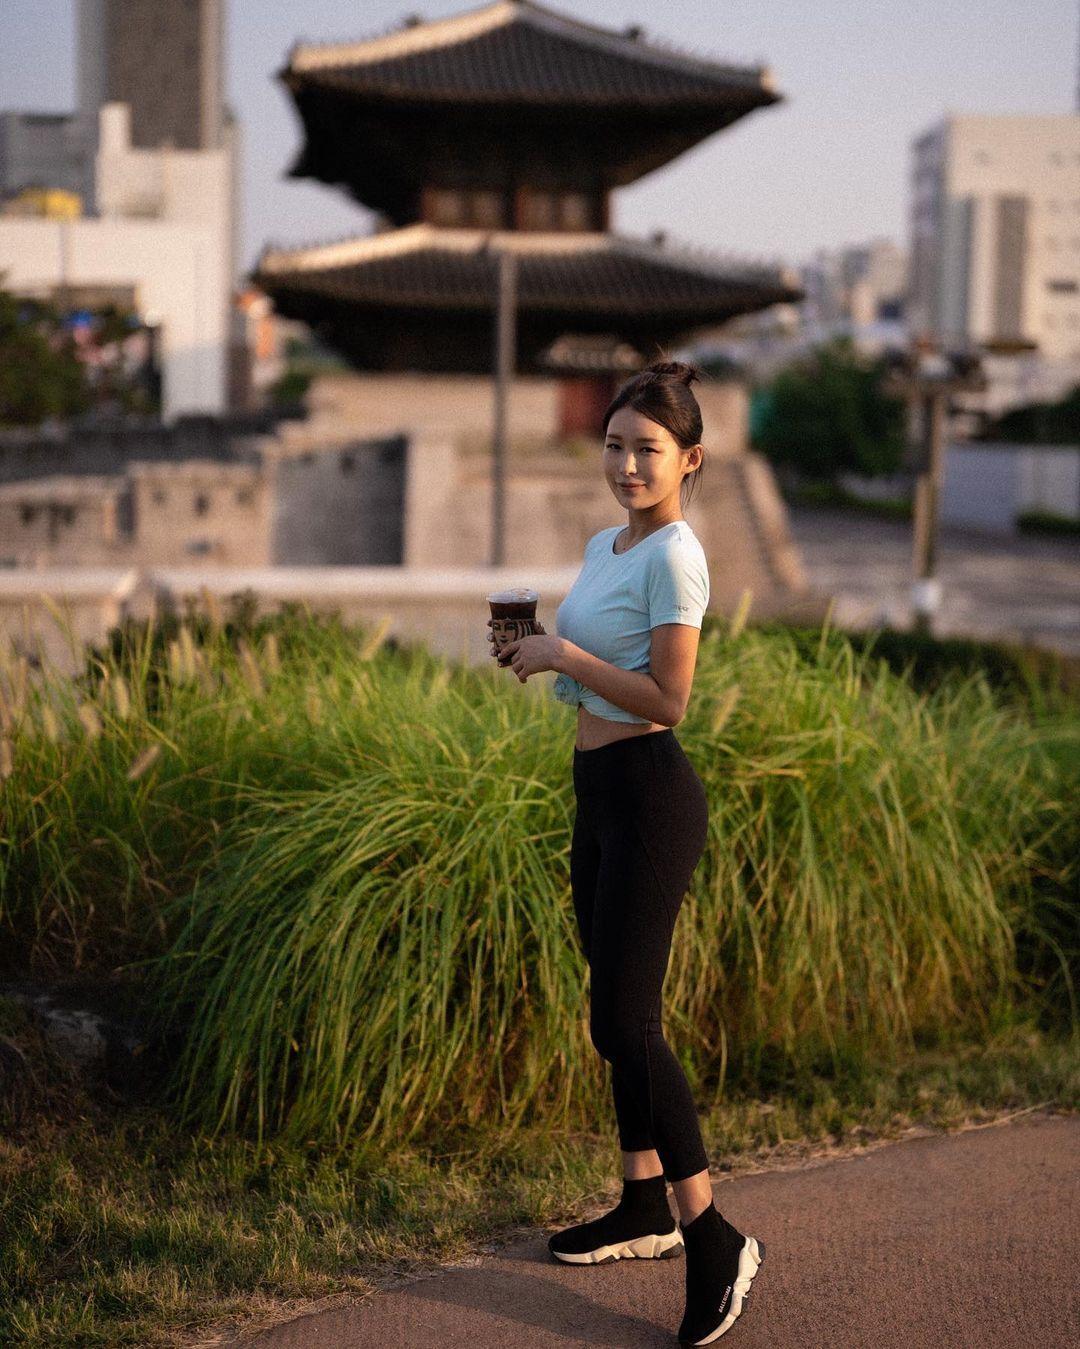 韩国高尔夫正妹Becky 狂吸 33 万粉丝好身材更让人心动 养眼图片 第19张